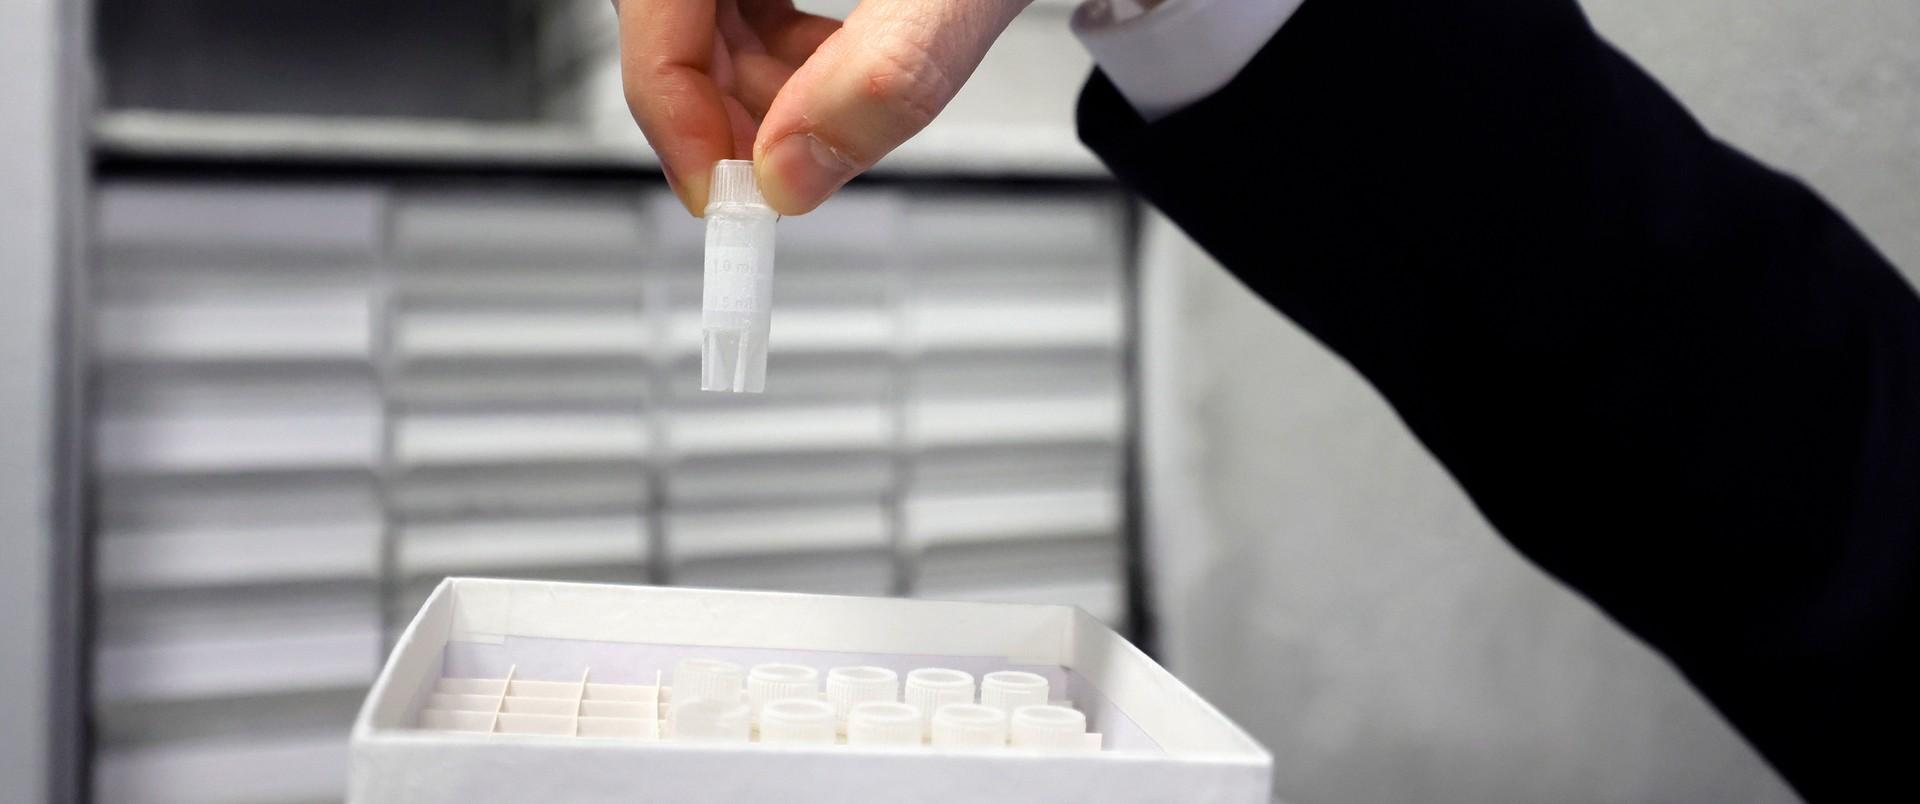 Szczepionka przeciw Covid-19. Jak będzie wyglądała dystrybucja w Polsce?